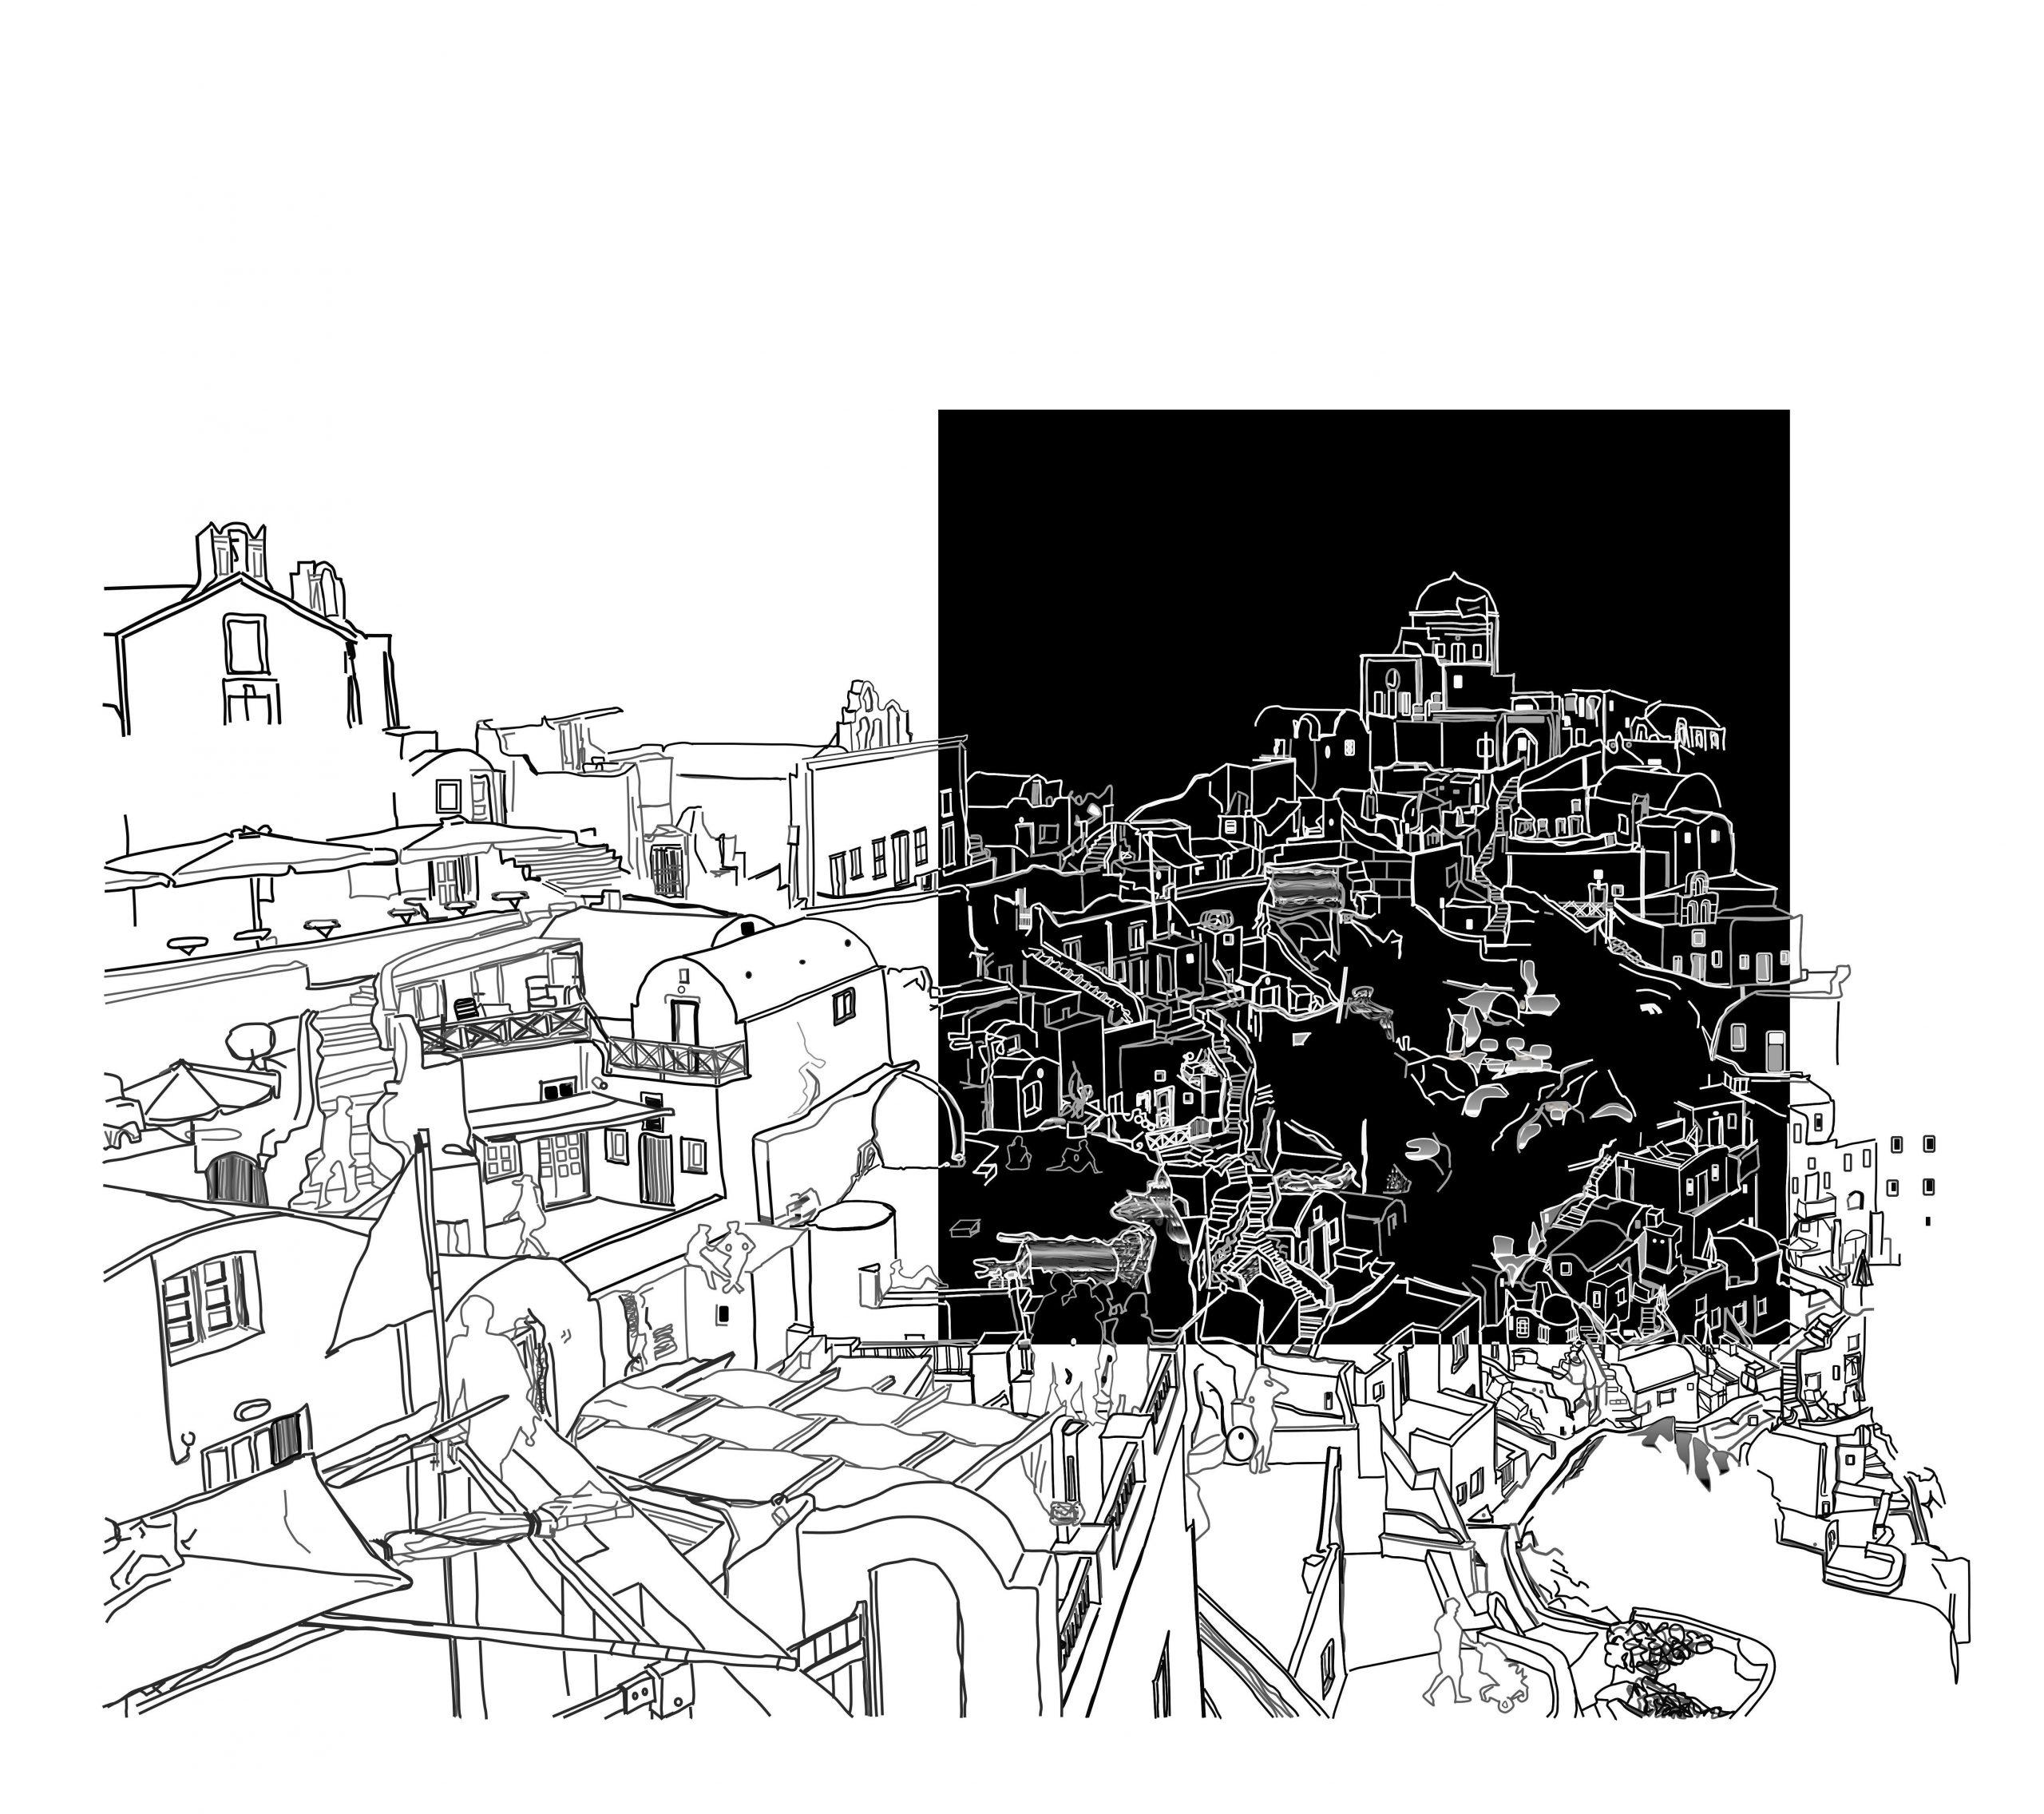 Santorini canvas | interim trial | 09.24.2020